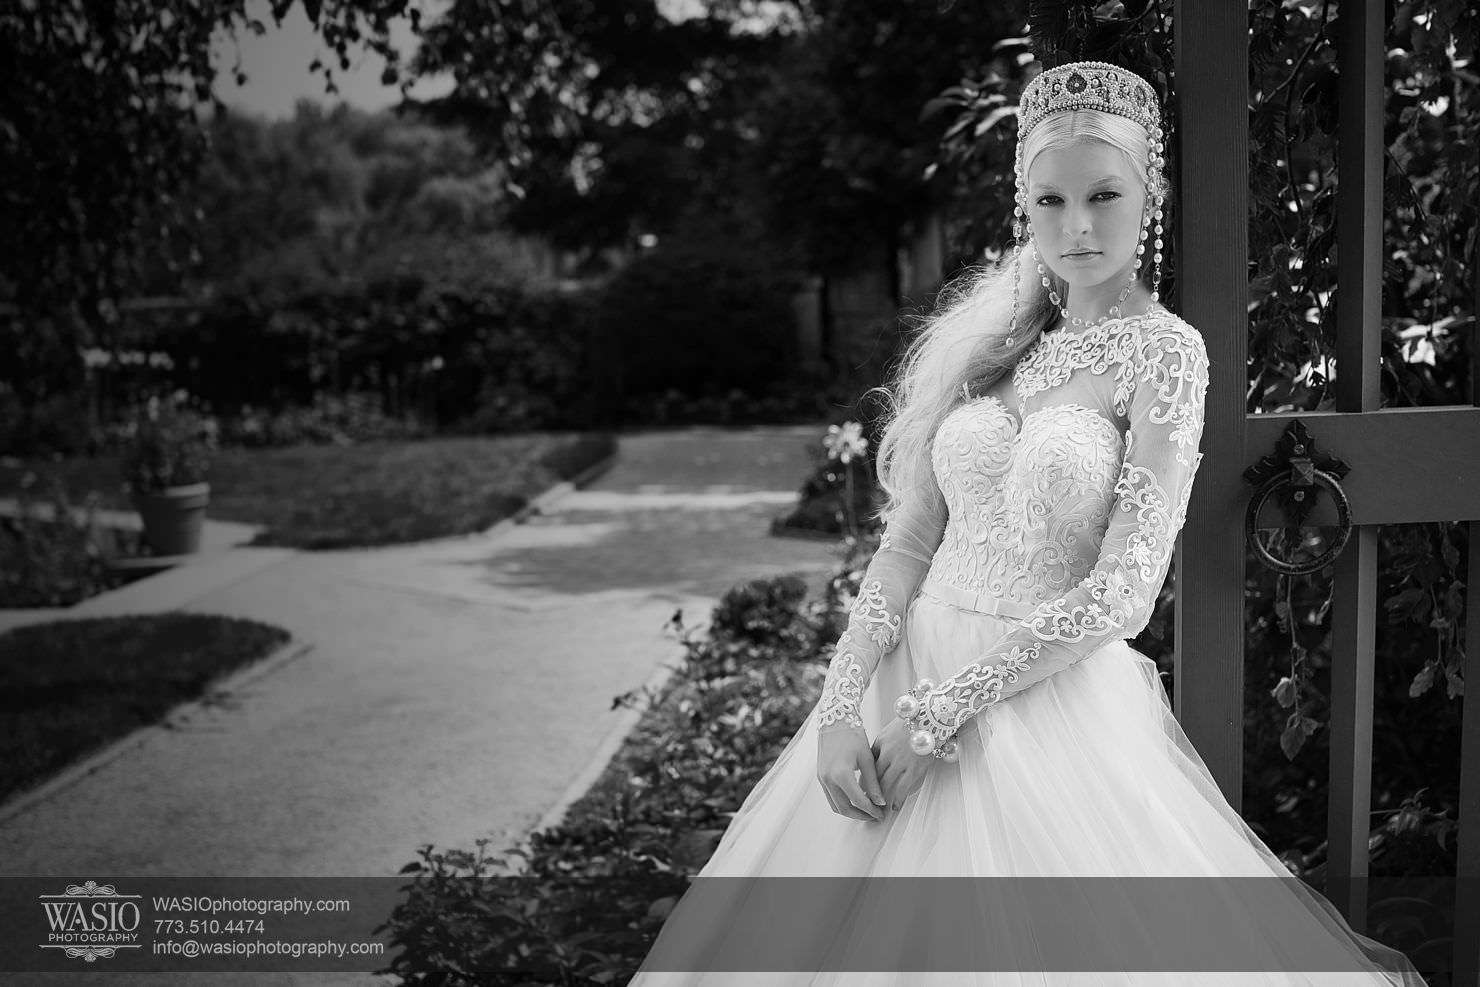 chicago-botanic-garden-classy-bride-summer-wedding-017 Chicago Botanic Garden - Classy Bride